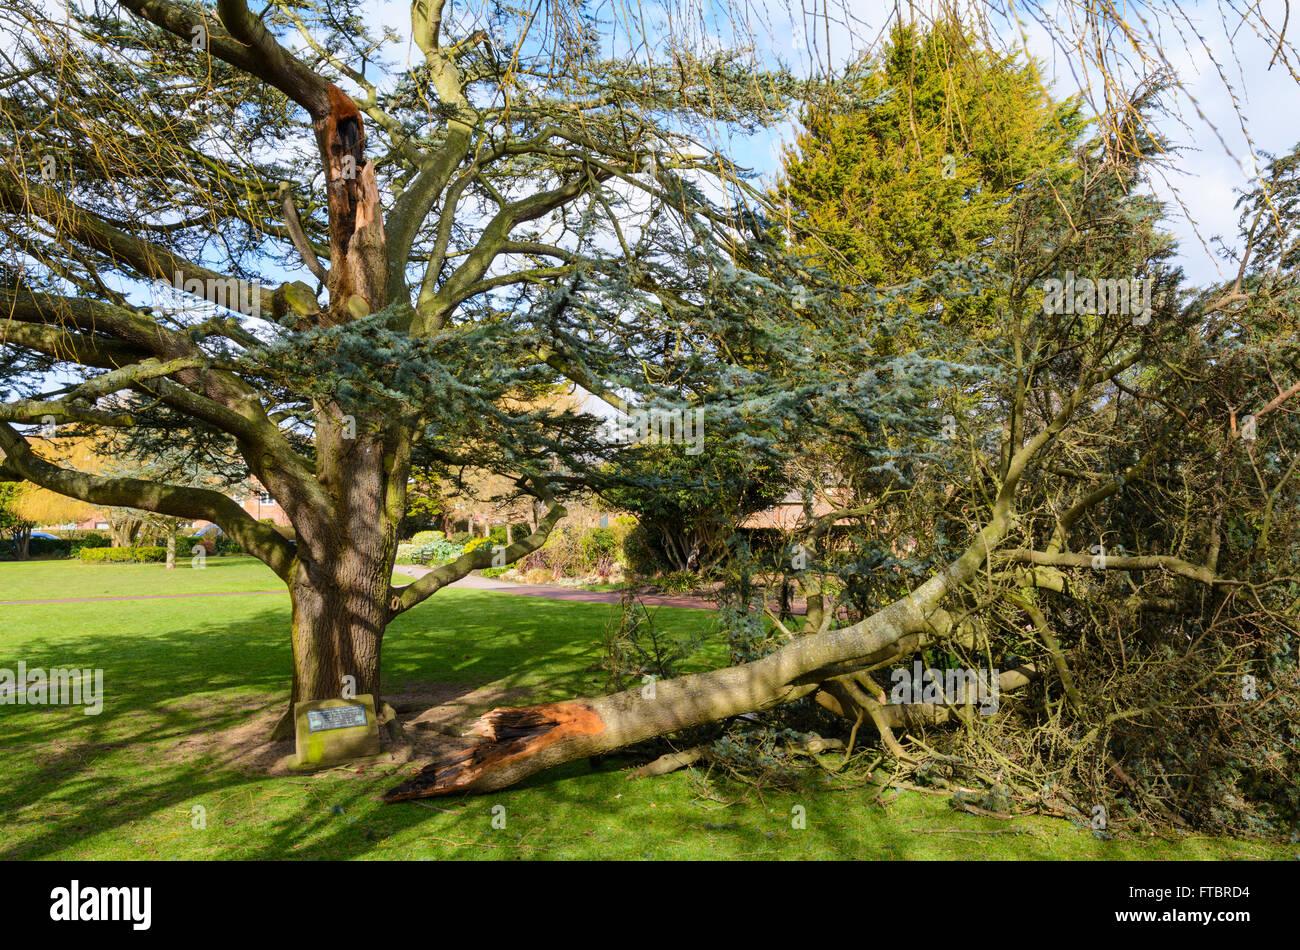 Ast eines Baumes abgebrochen aus dem Hauptstamm während der Stürme im südlichen England, UK. Stockbild